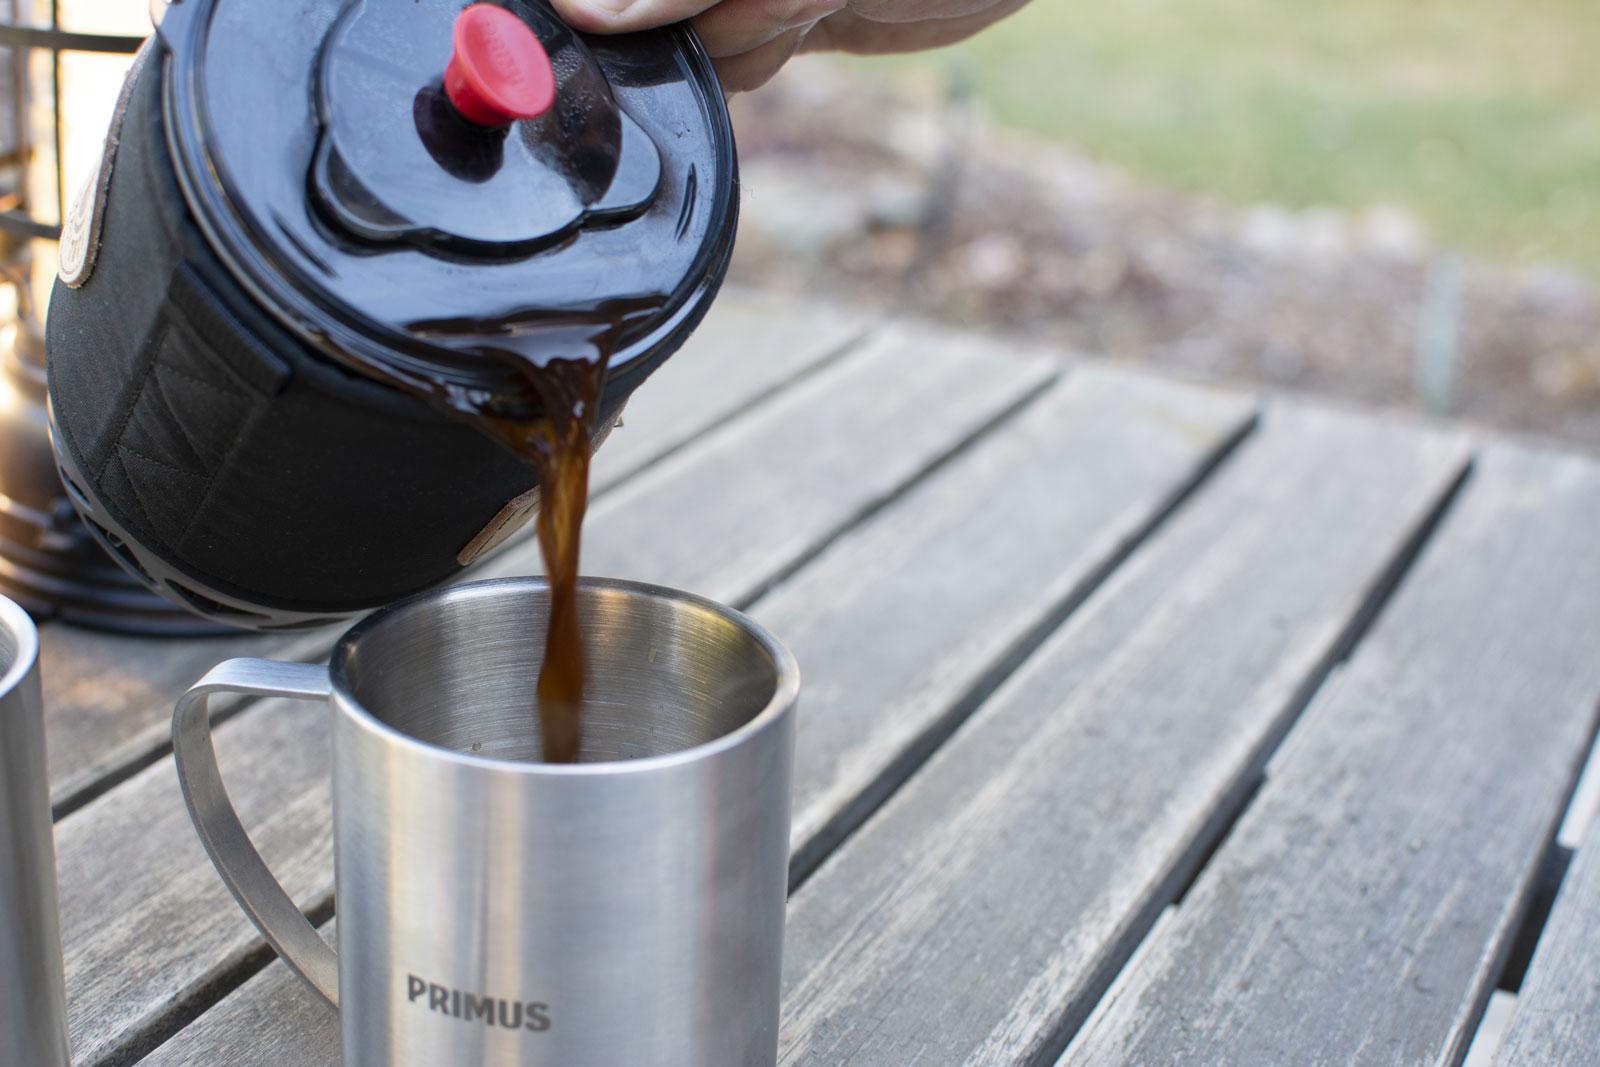 Primus campfire coffee